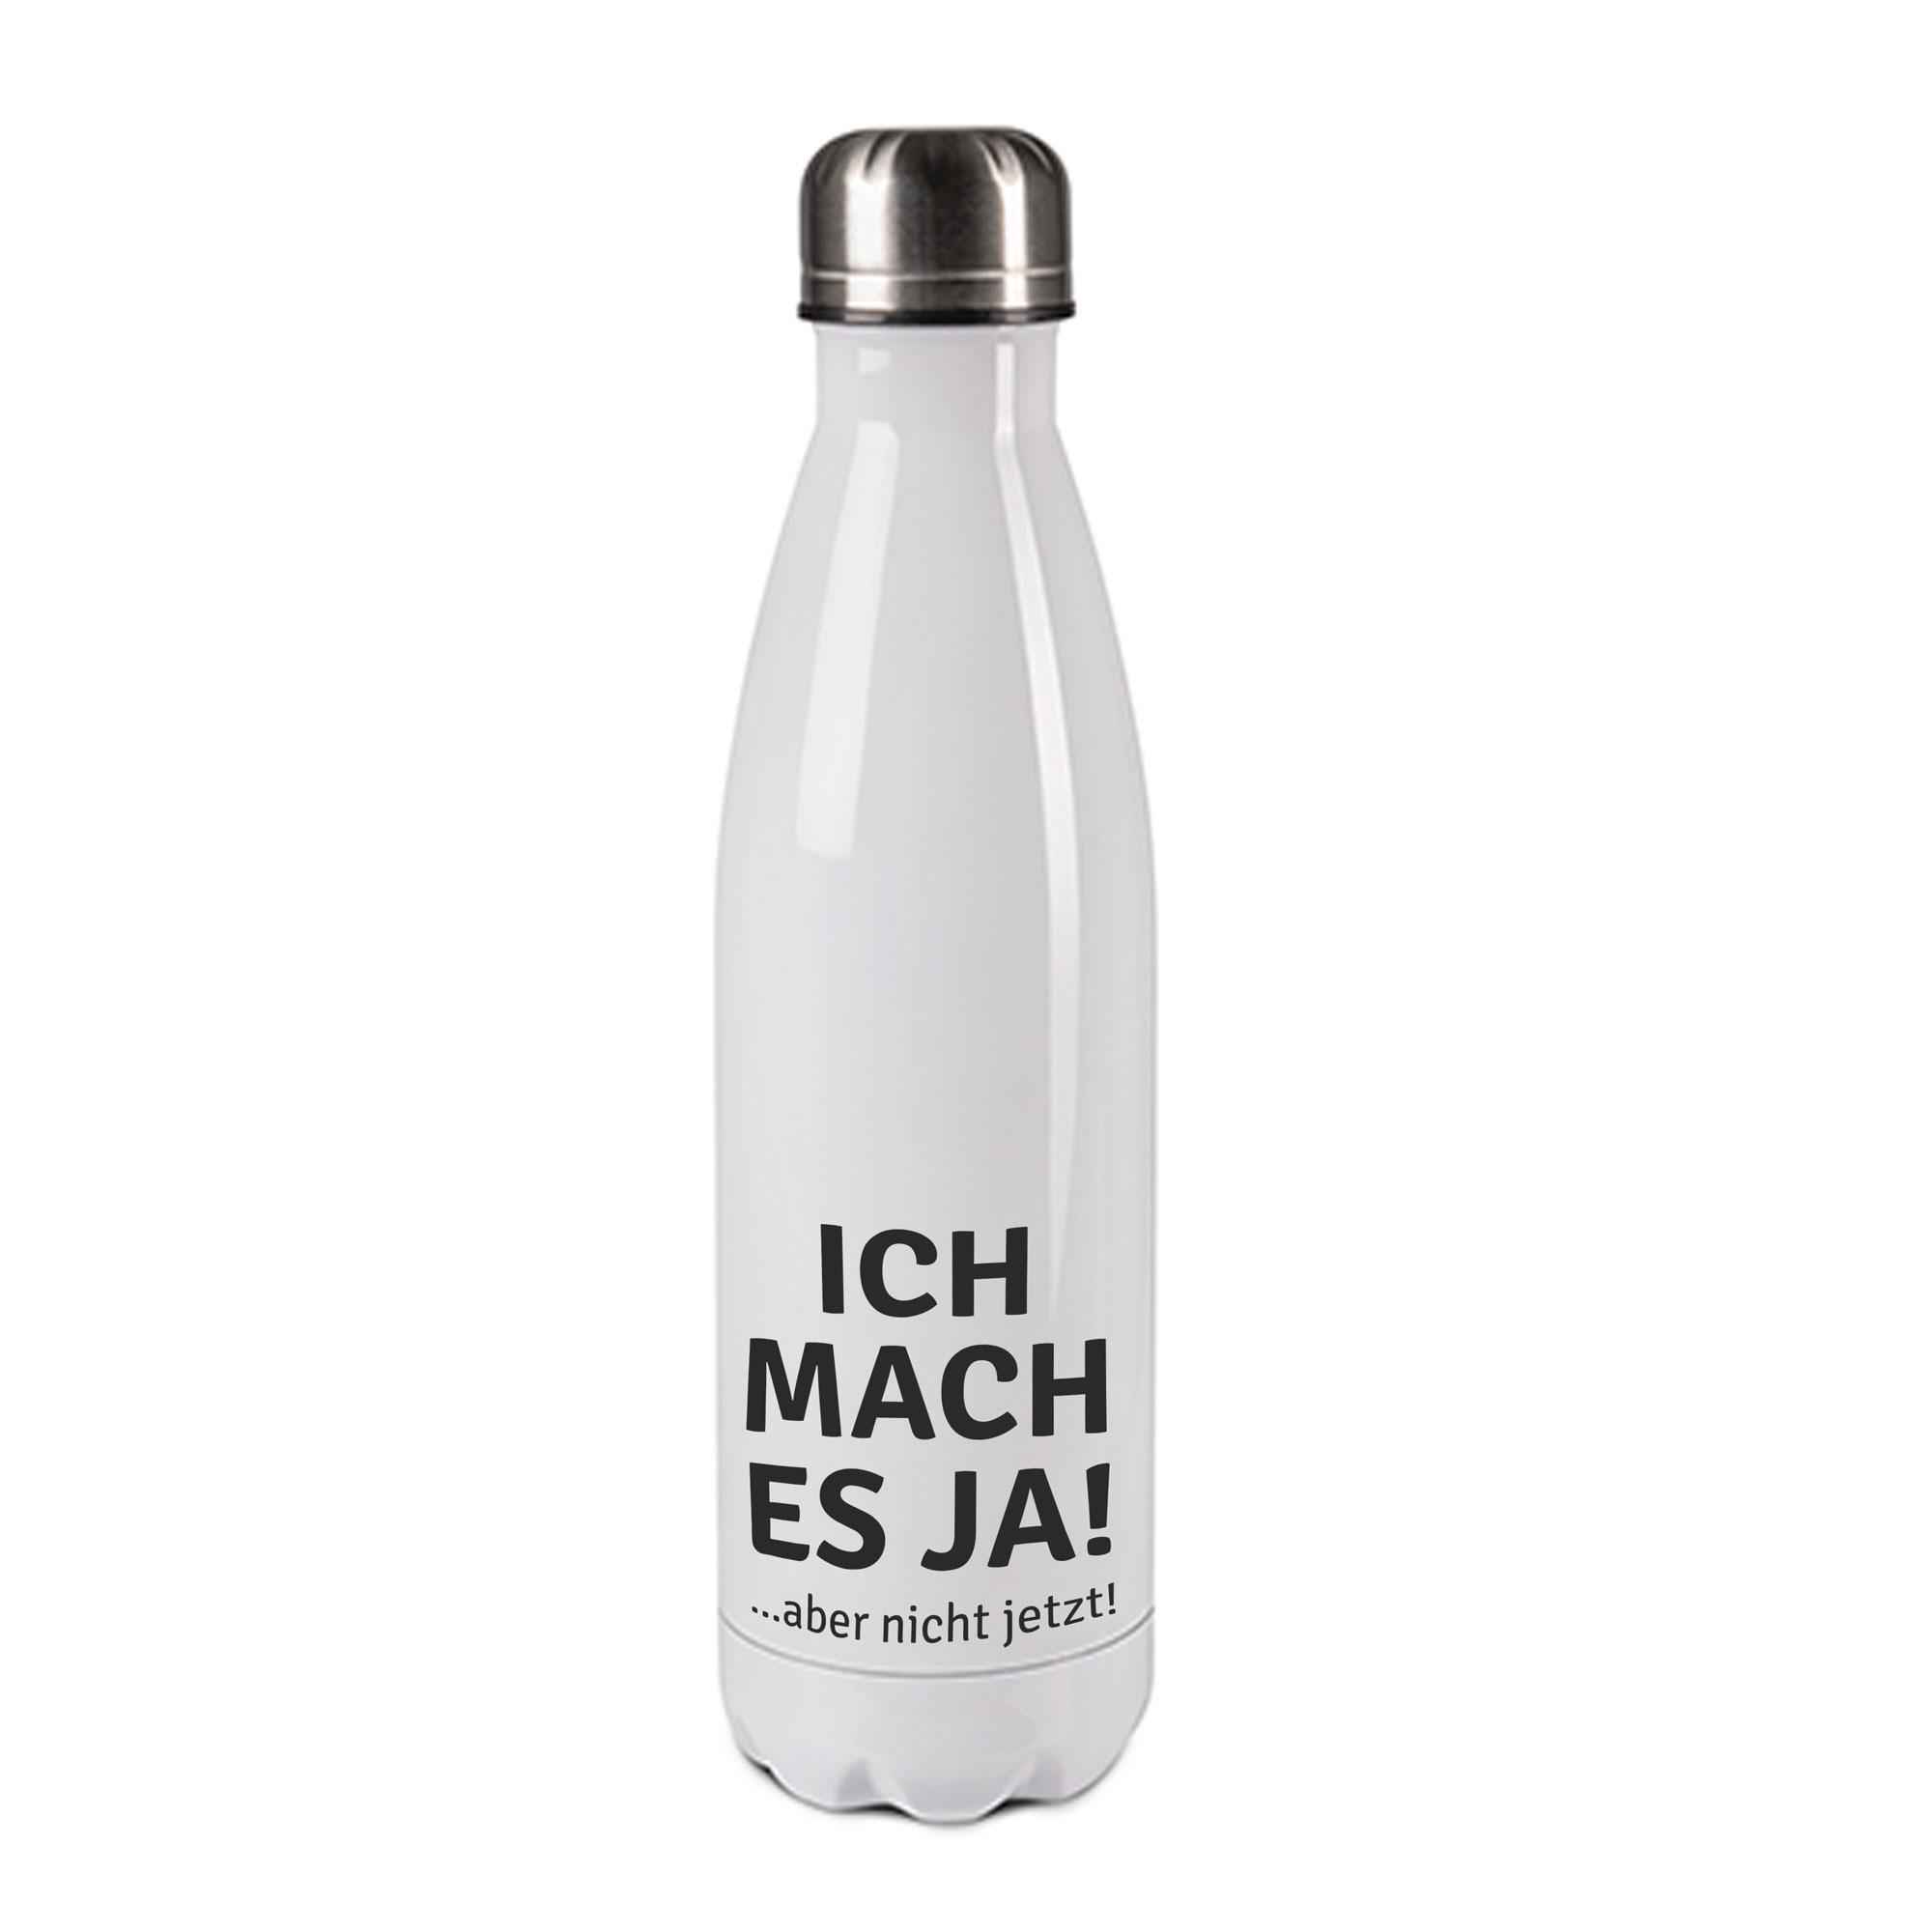 Edelstahl-Thermosflasche weiß/weiß mit Druck: ICH MACH ES JA..... ABER NICHT JETZT